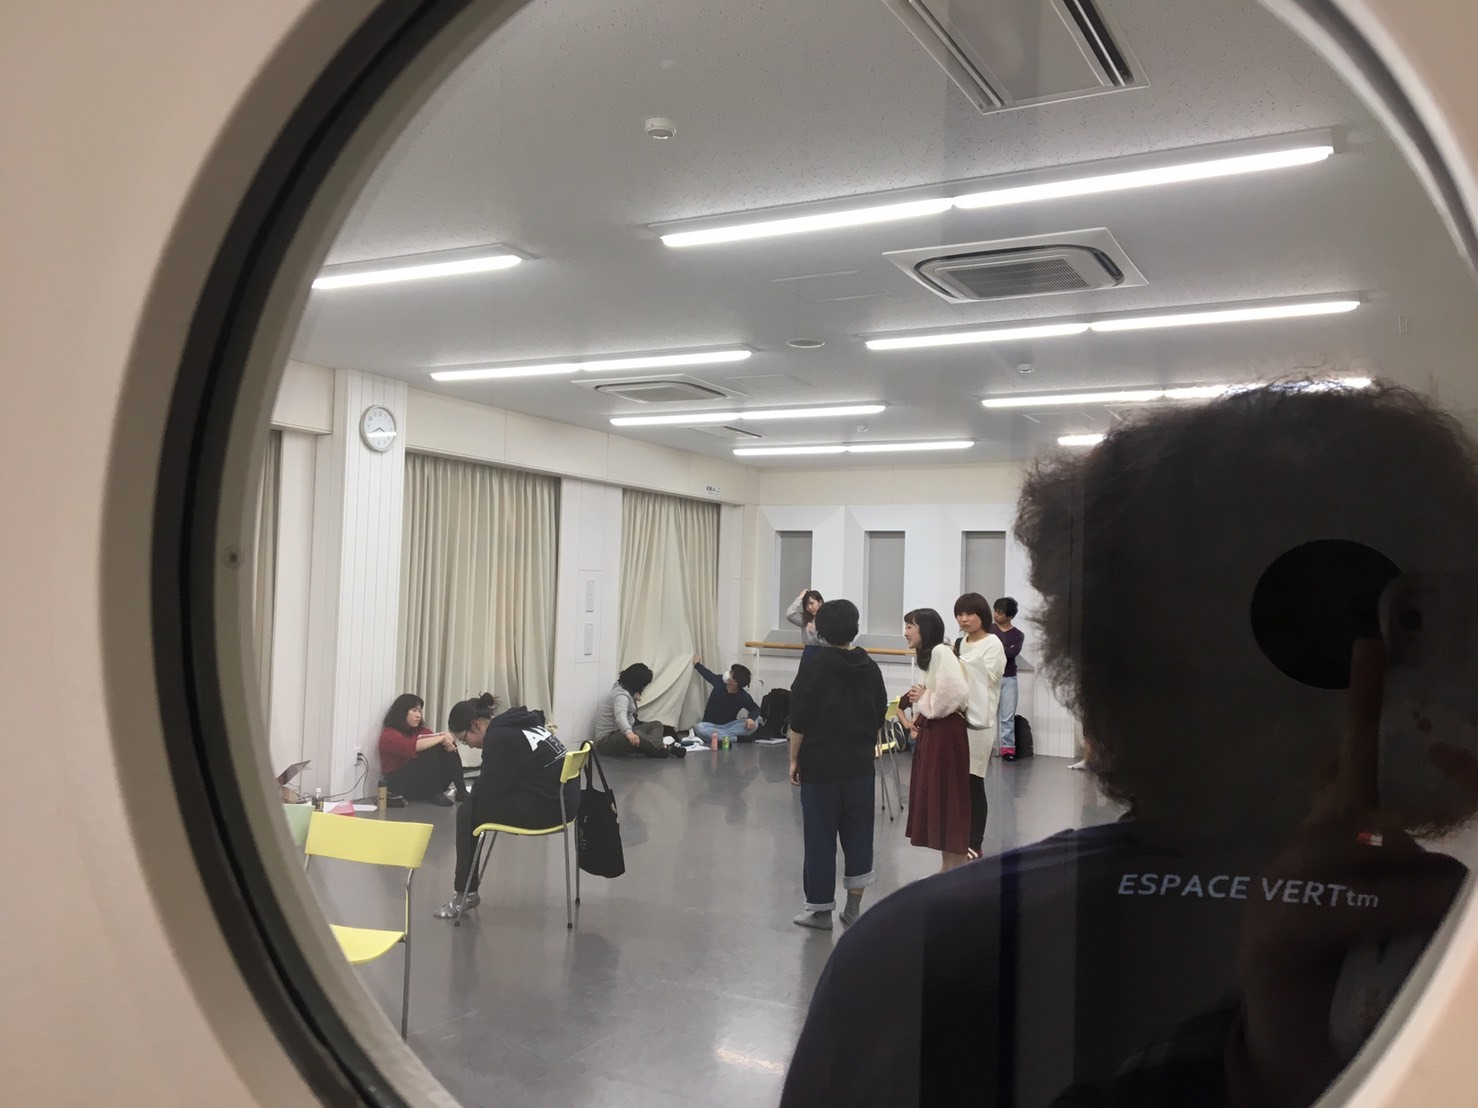 日誌 3/5(火) 会議でパソコンカチャカチャやってるとカッコいいよね Byあやねん_a0137821_23024240.jpg